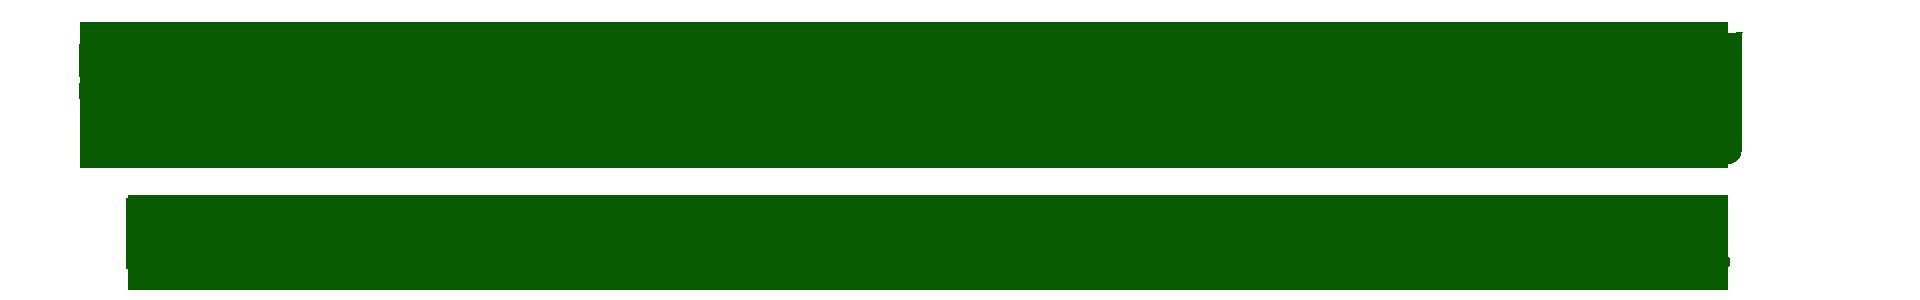 宁夏万博manbetx世界杯版隆昌万博manbetx官网手机版有限公司